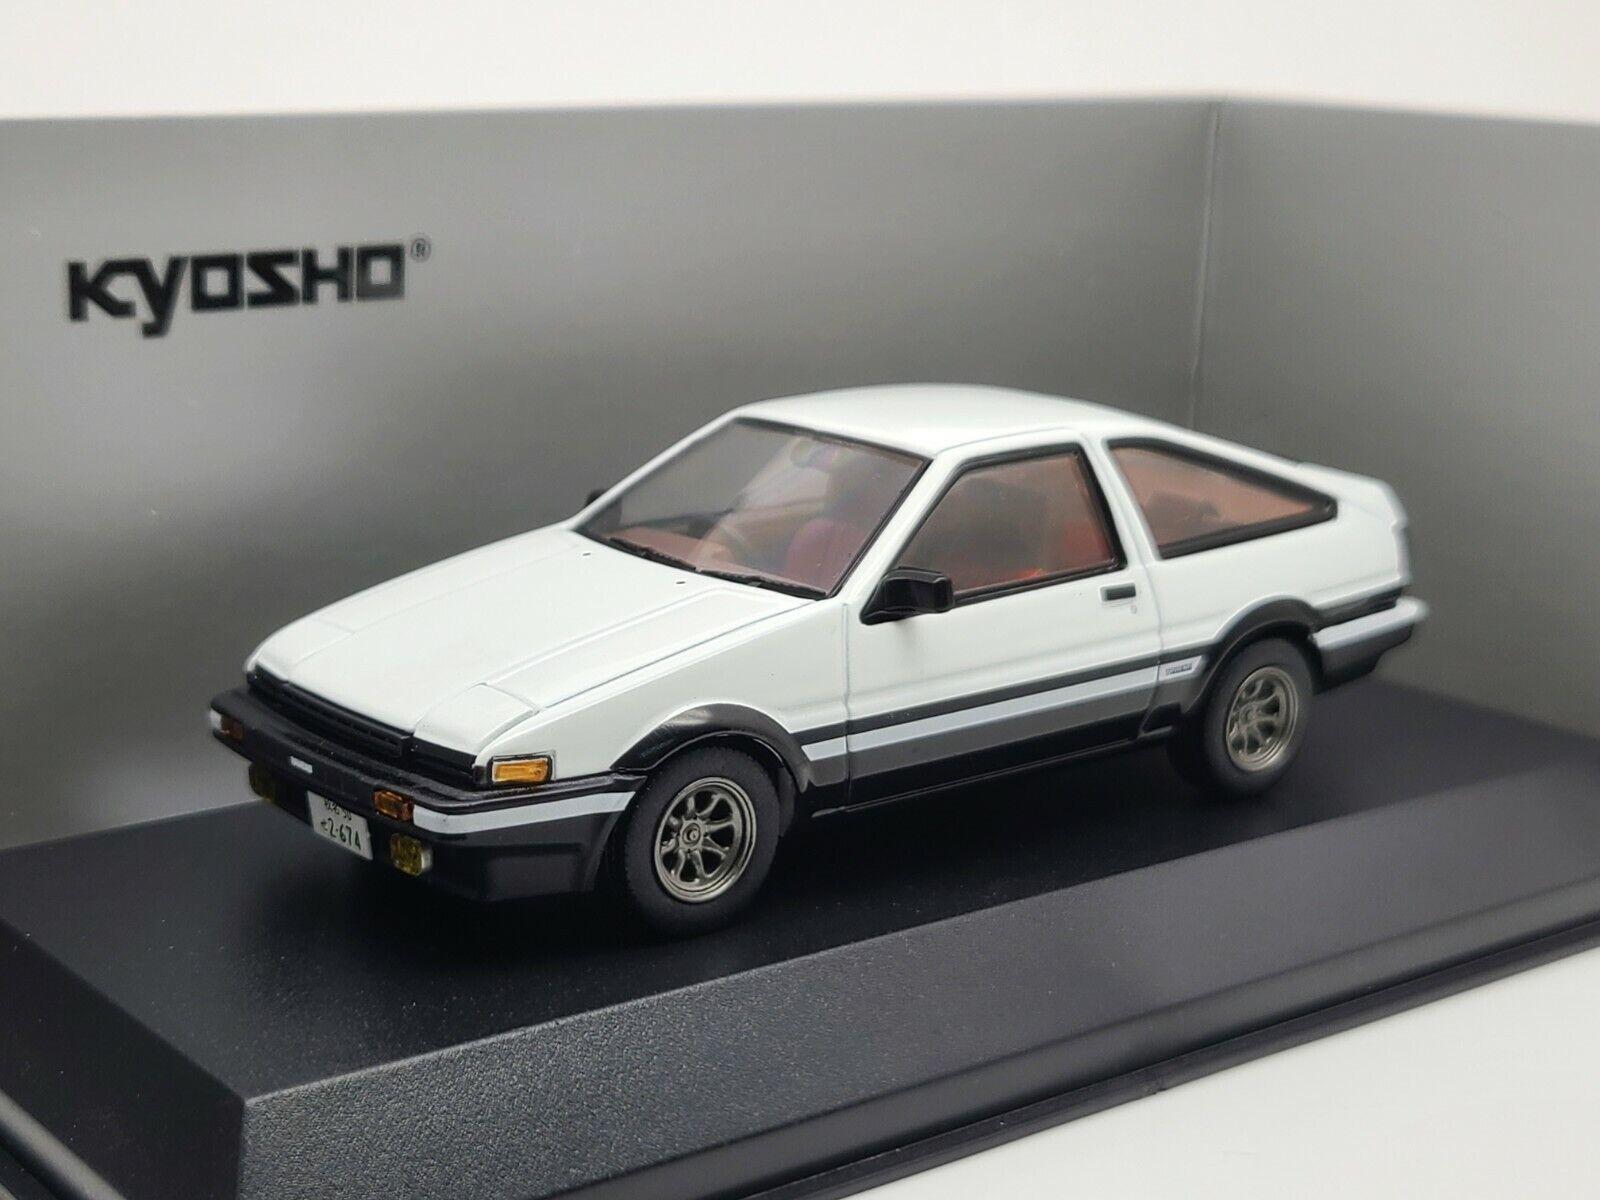 Kyosho Original 1//43 Initial D Toyota Sprinter Trueno KS03892D